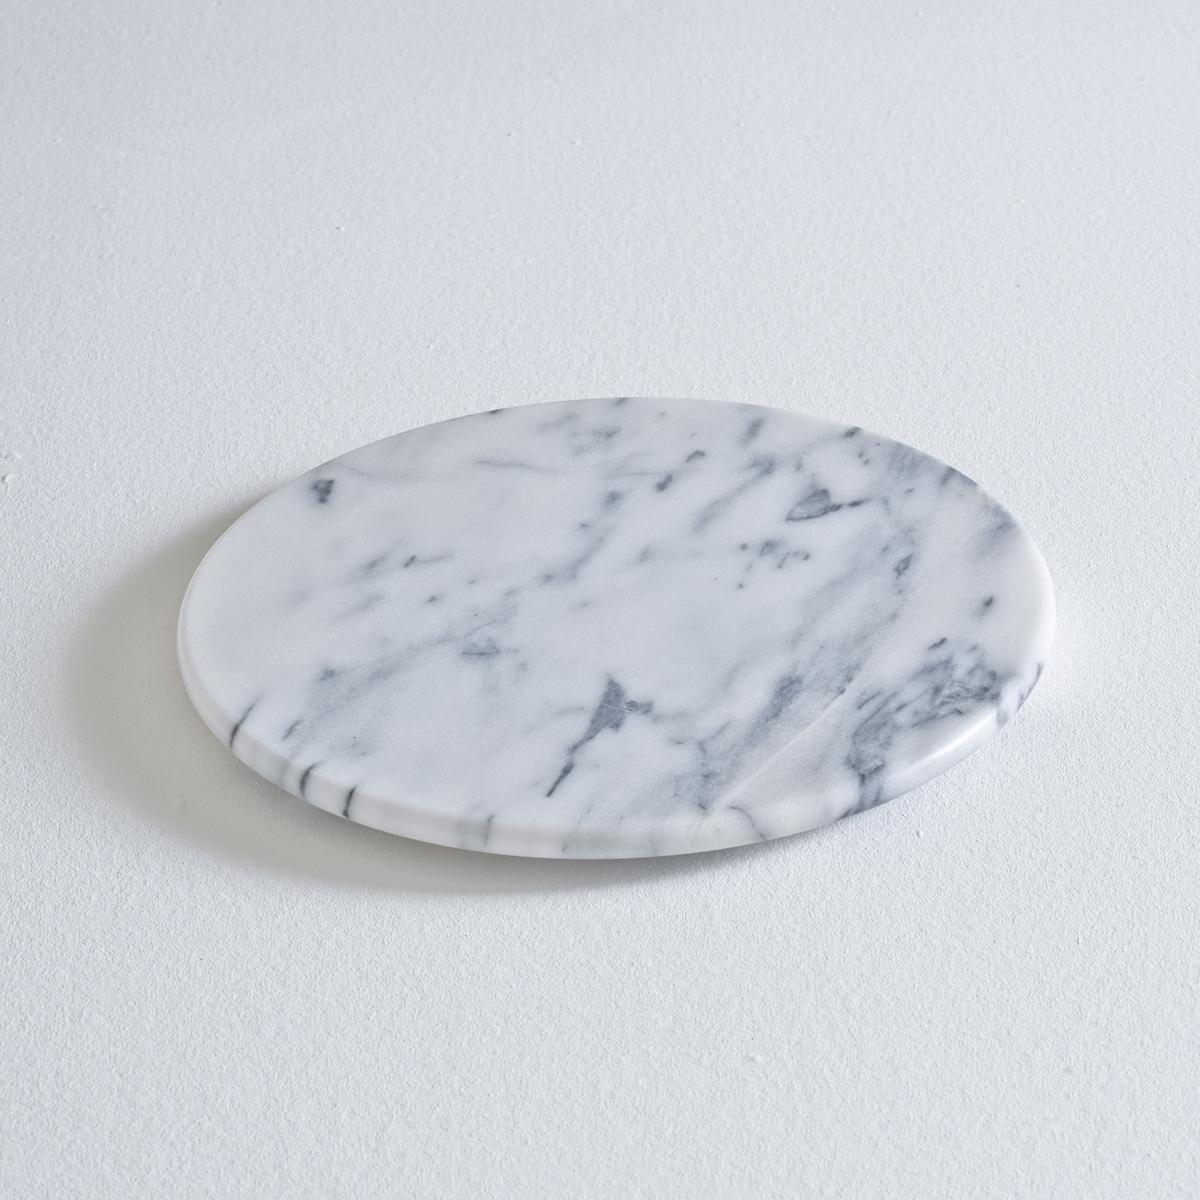 Поднос круглый из мрамораПоднос круглый из мрамора. Очень практичный и по-настоящему шикарный предмет декора! Подходит, в частности, для подачи закусок или сервировки сыра.Характеристики мраморного подноса:- Выполнен из сверхпрочного белого мрамора с серыми прожилкам.- Диаметр 30 x Высота 2 см.<br><br>Цвет: белый мрамор<br>Размер: единый размер